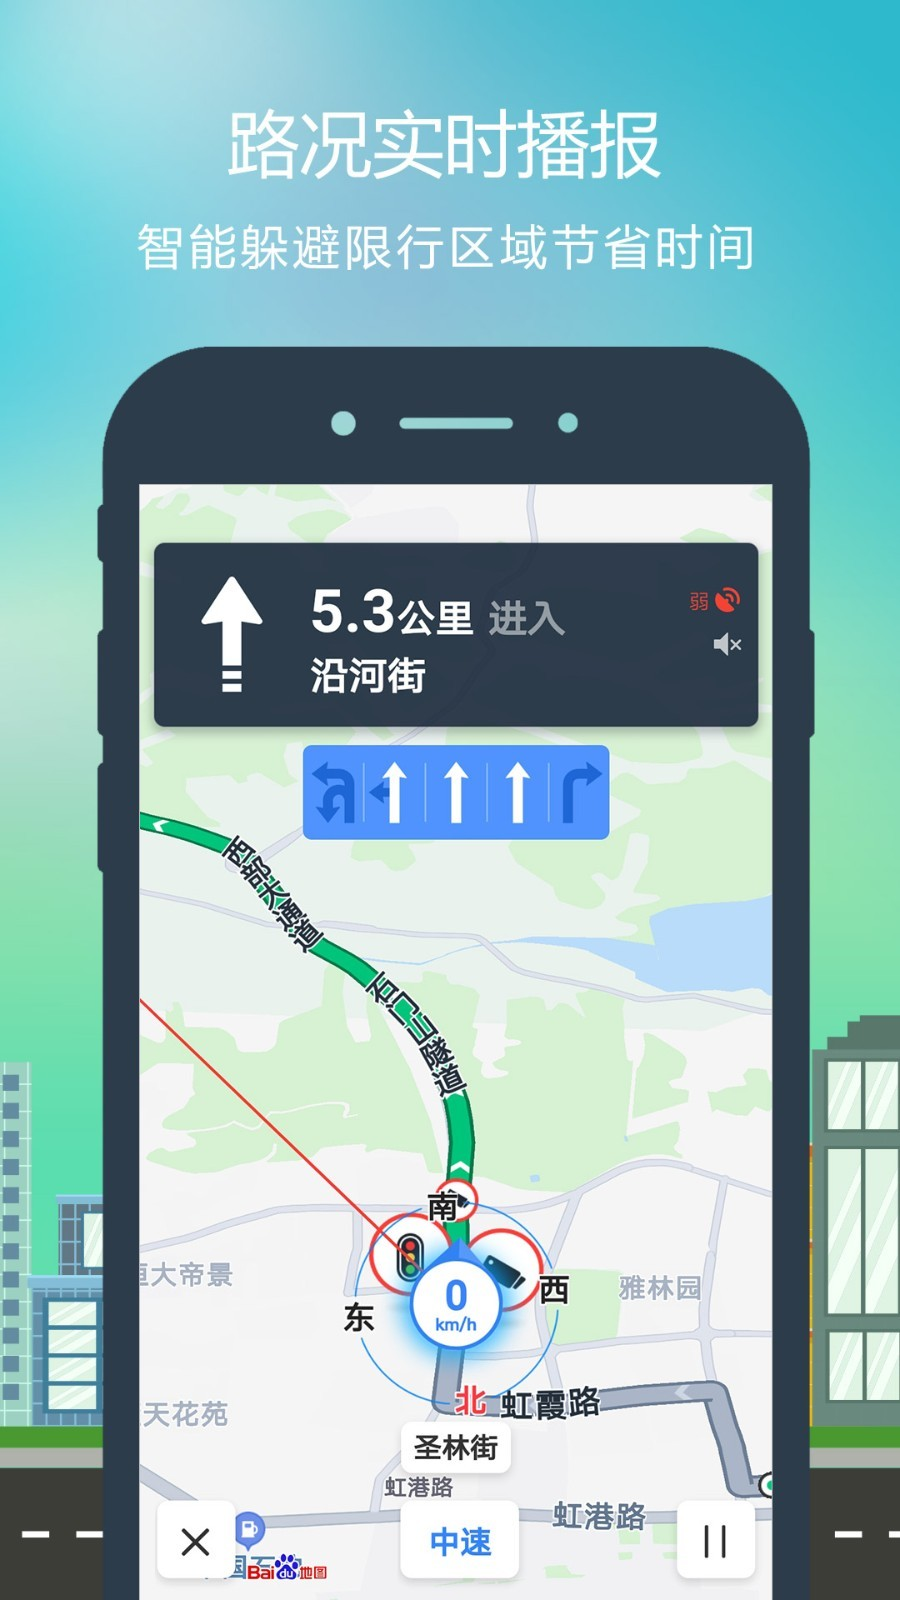 辽宁省政务网_智行地图导航app下载,智行地图导航app官网最新版 v2.2.1 - 浏览器家园